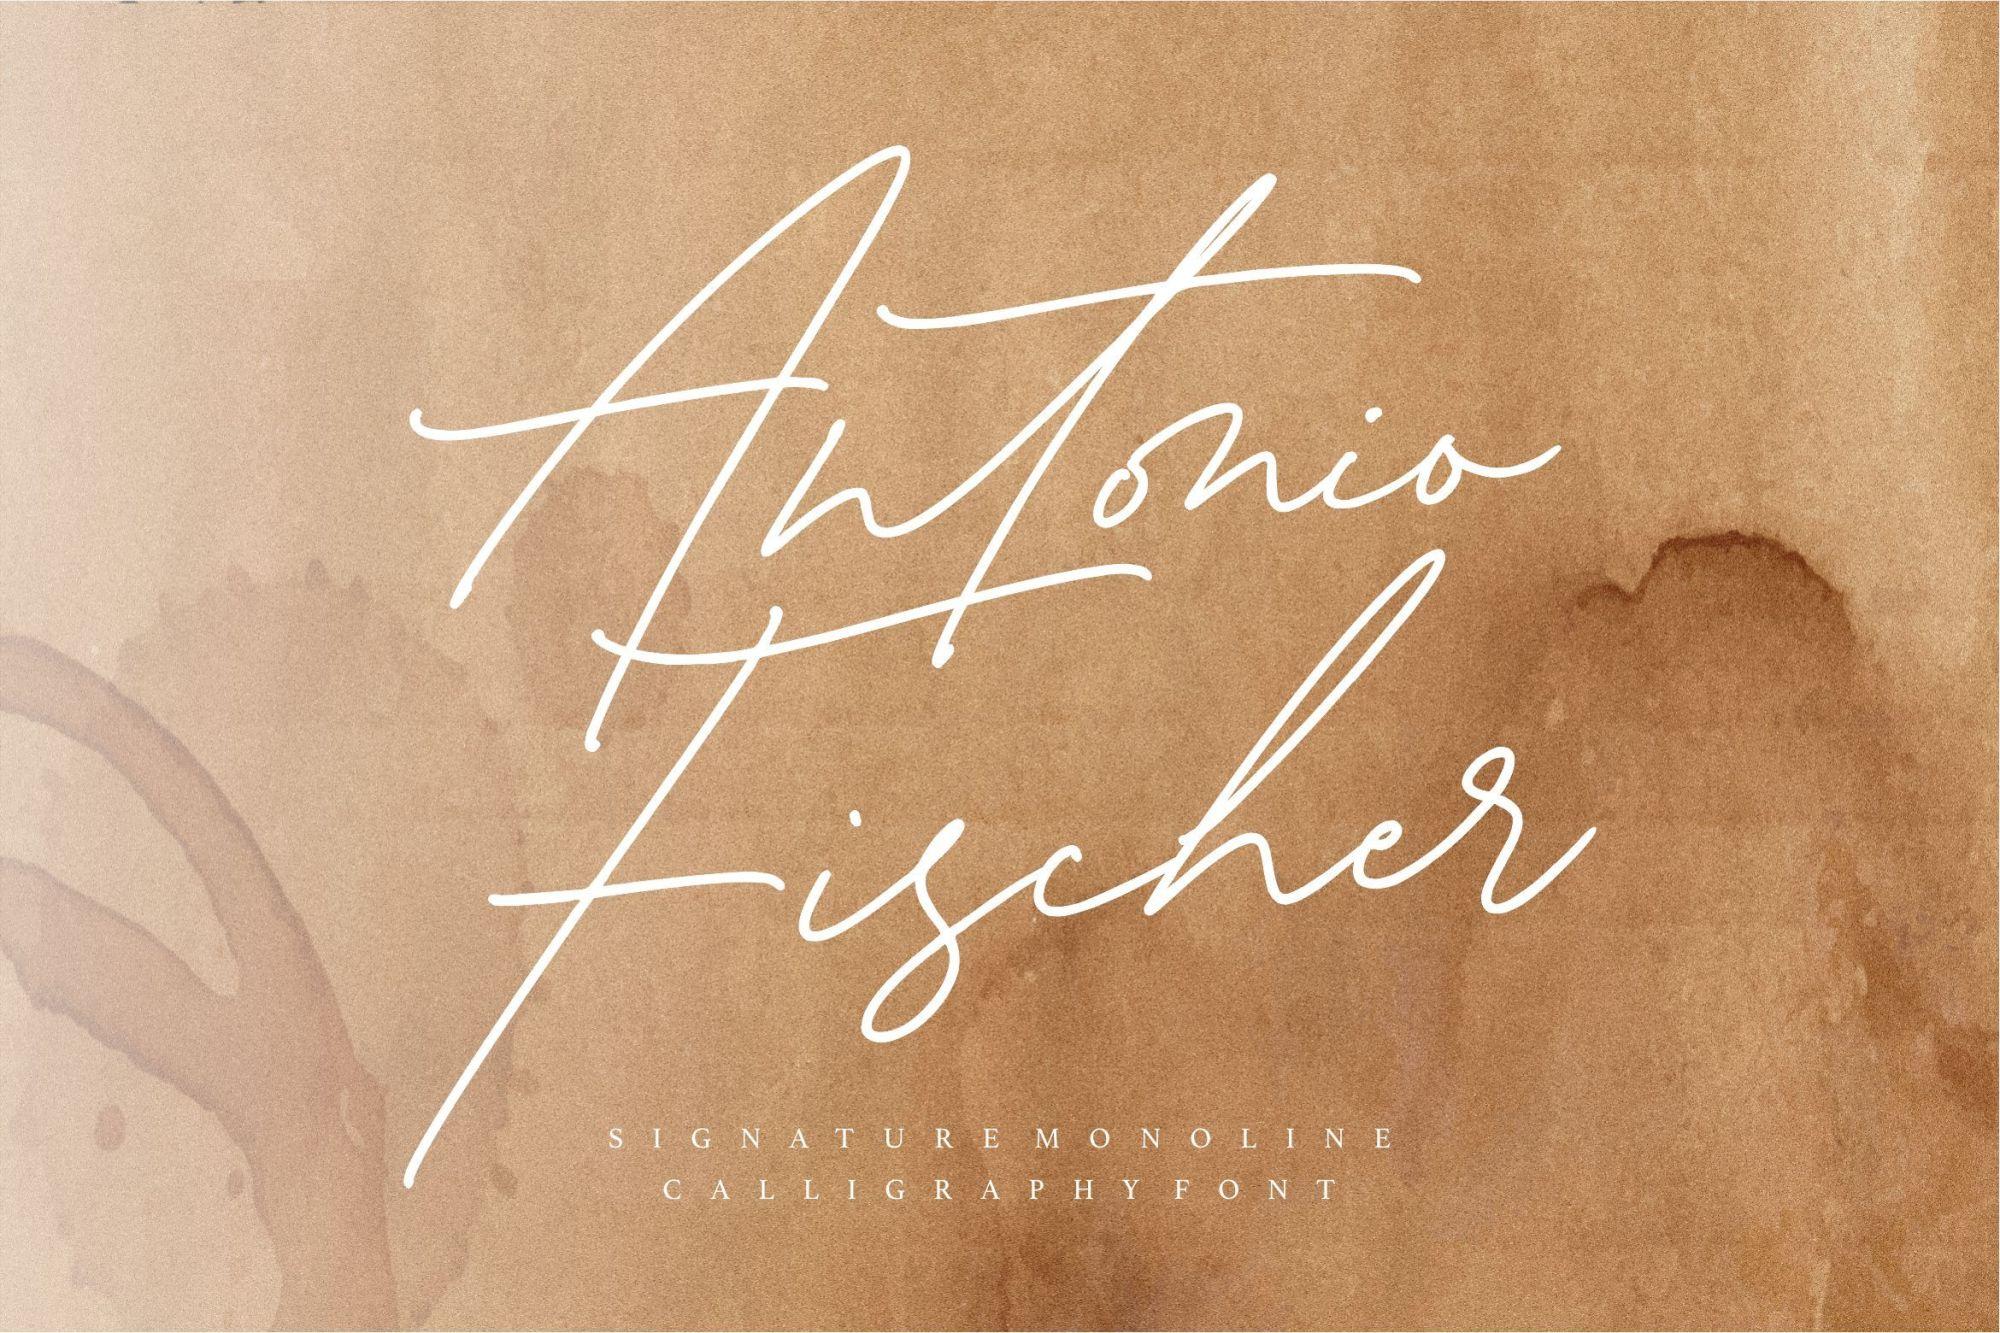 Antonio-Fischer-Signature-Monoline-Script-Font-1